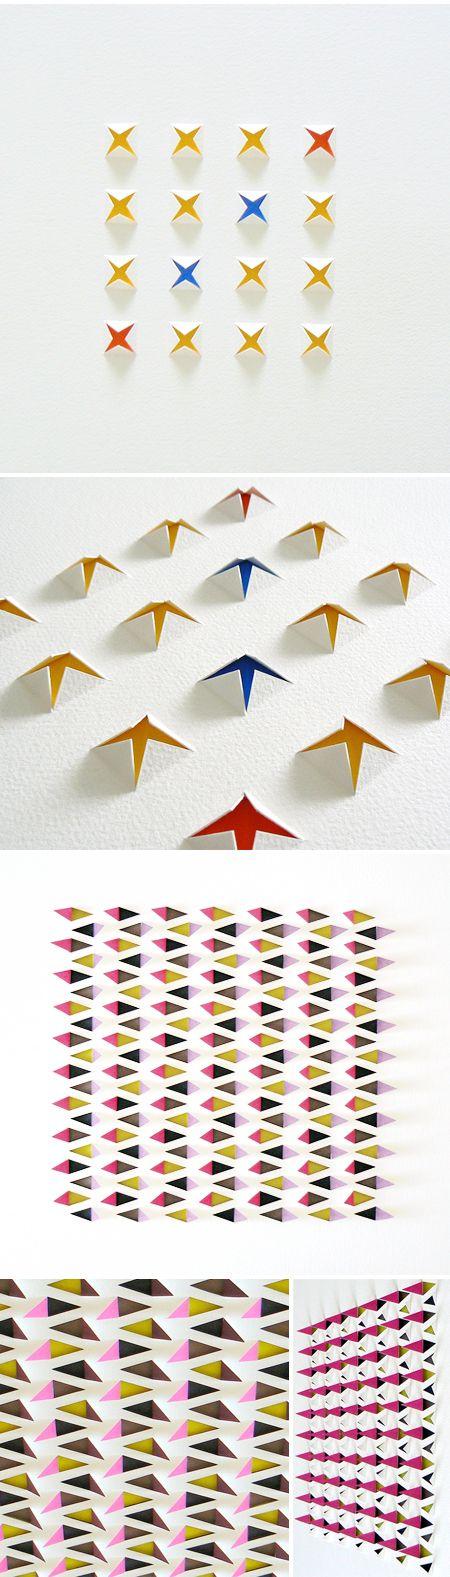 lisa rodden - cut paper.